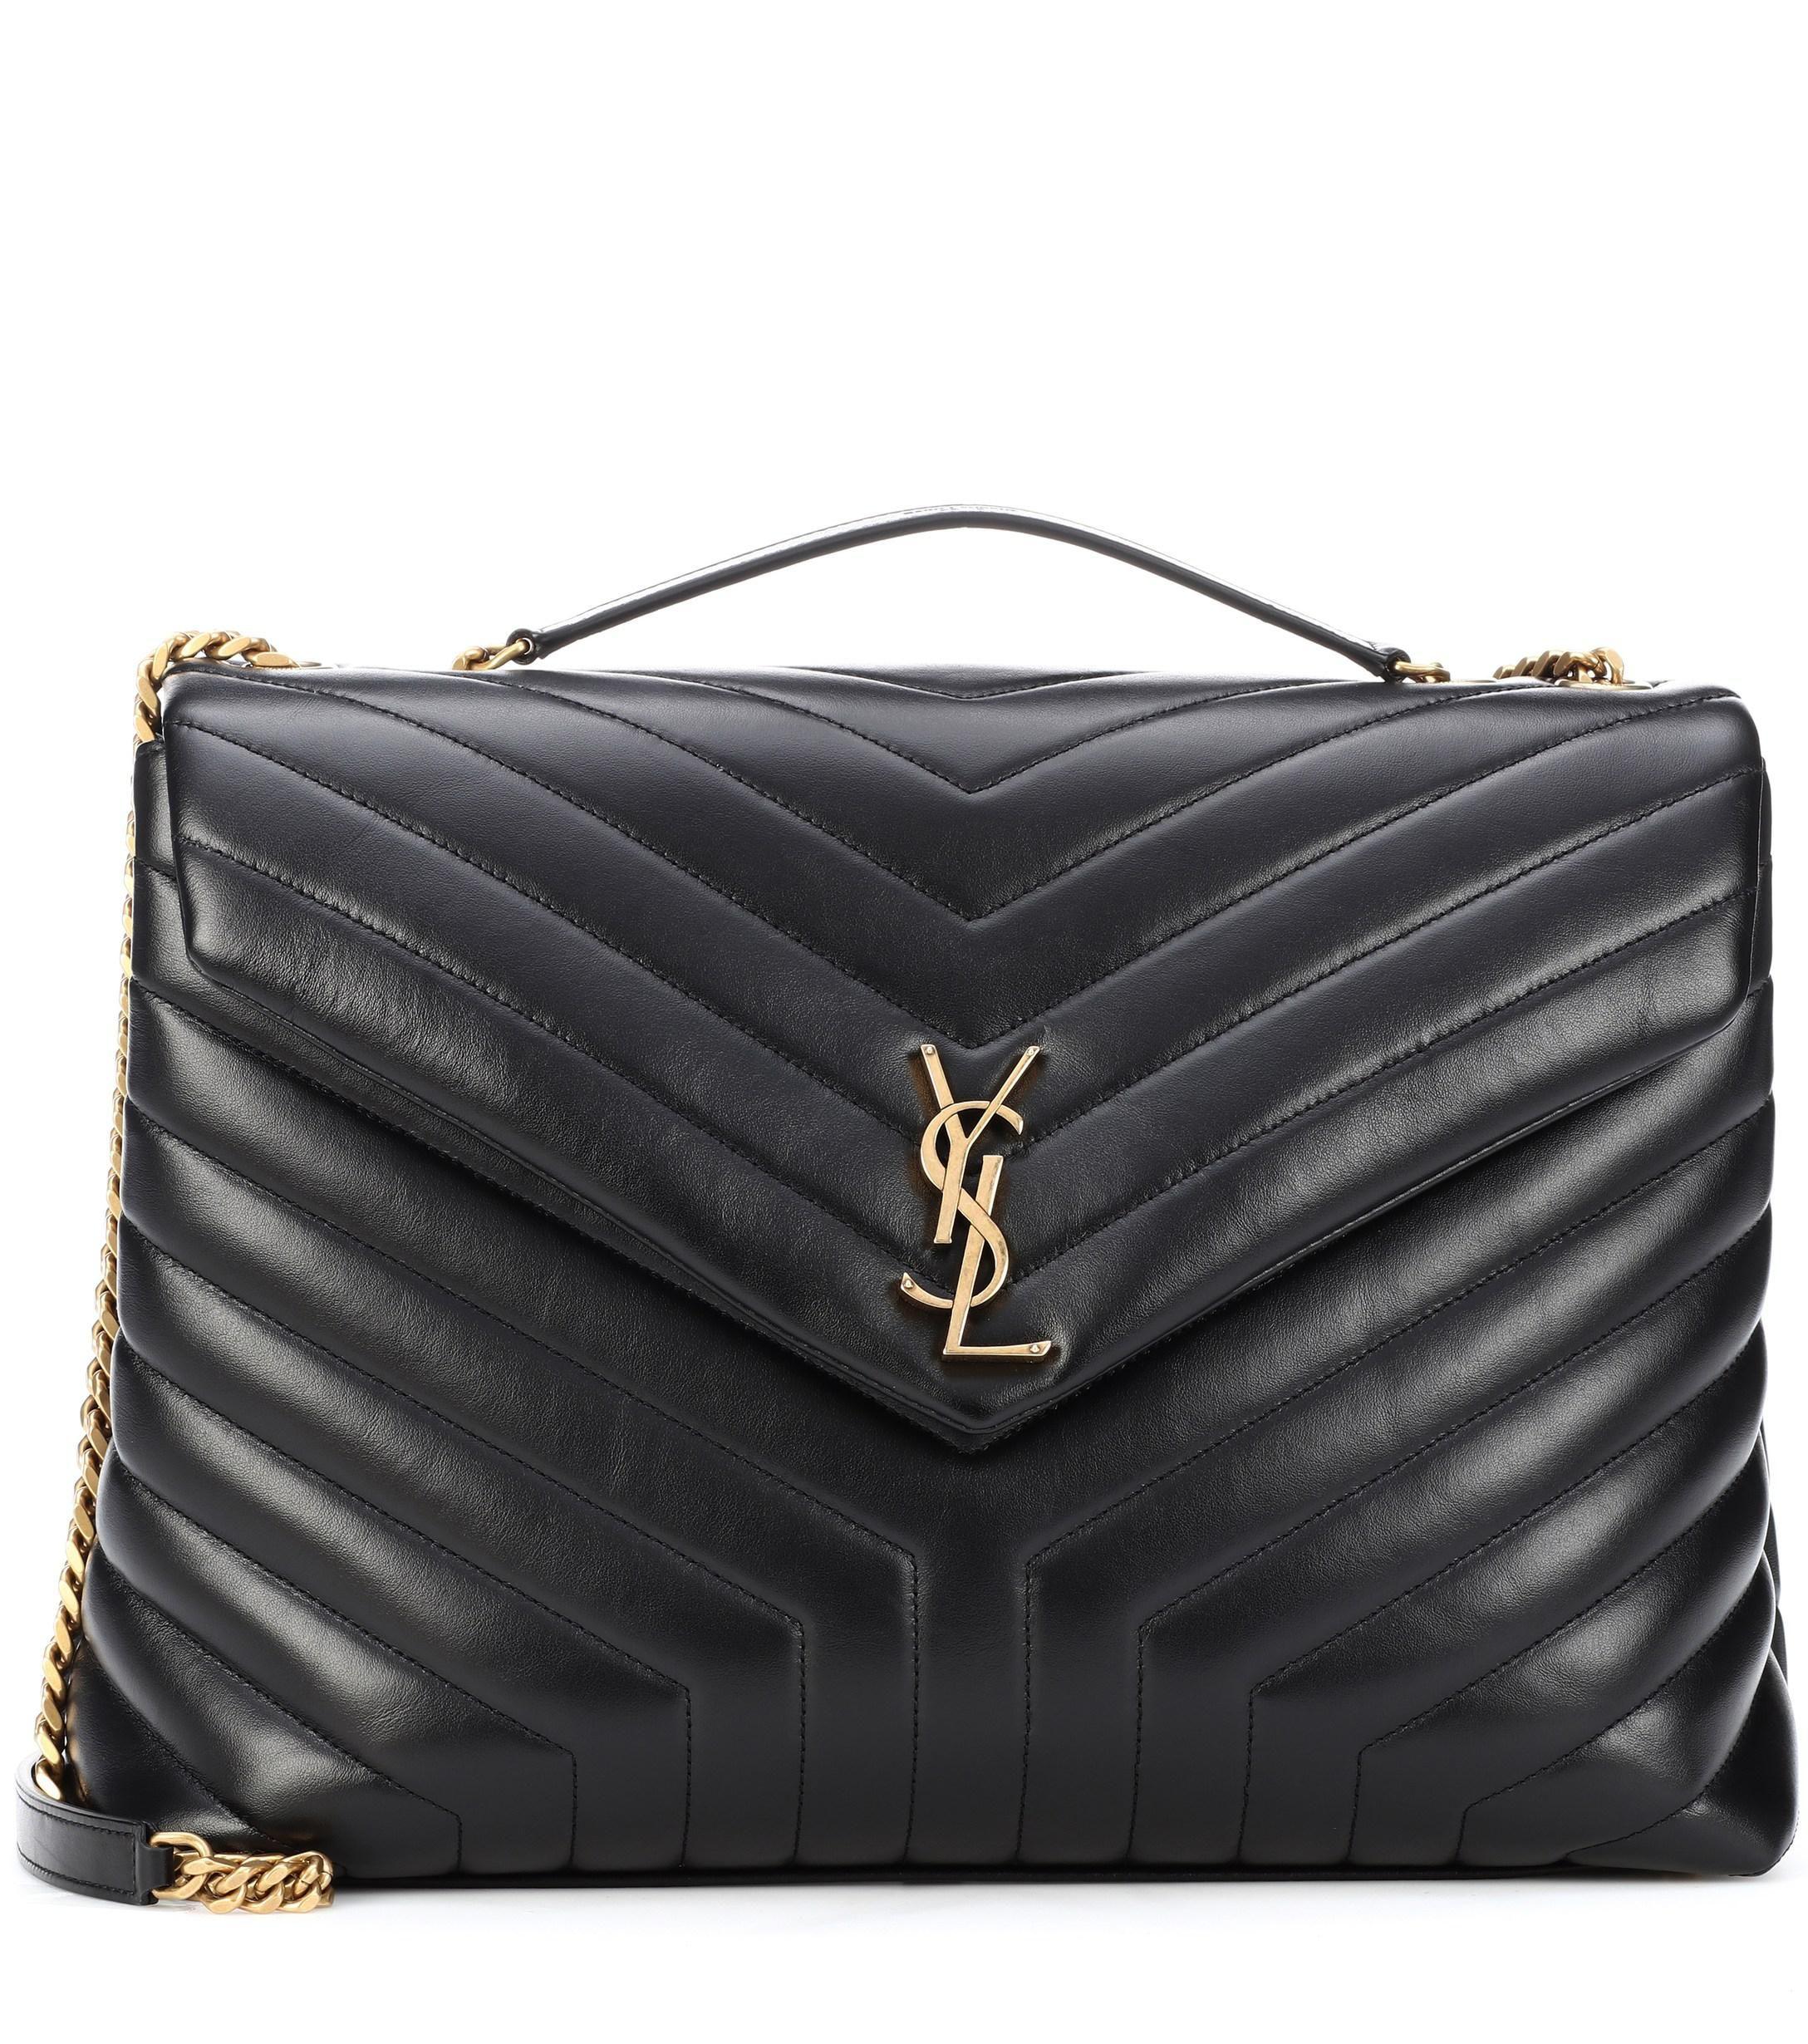 b127b2a6 Women's Black Large Loulou Monogram Shoulder Bag in 2019 | shoulder ...